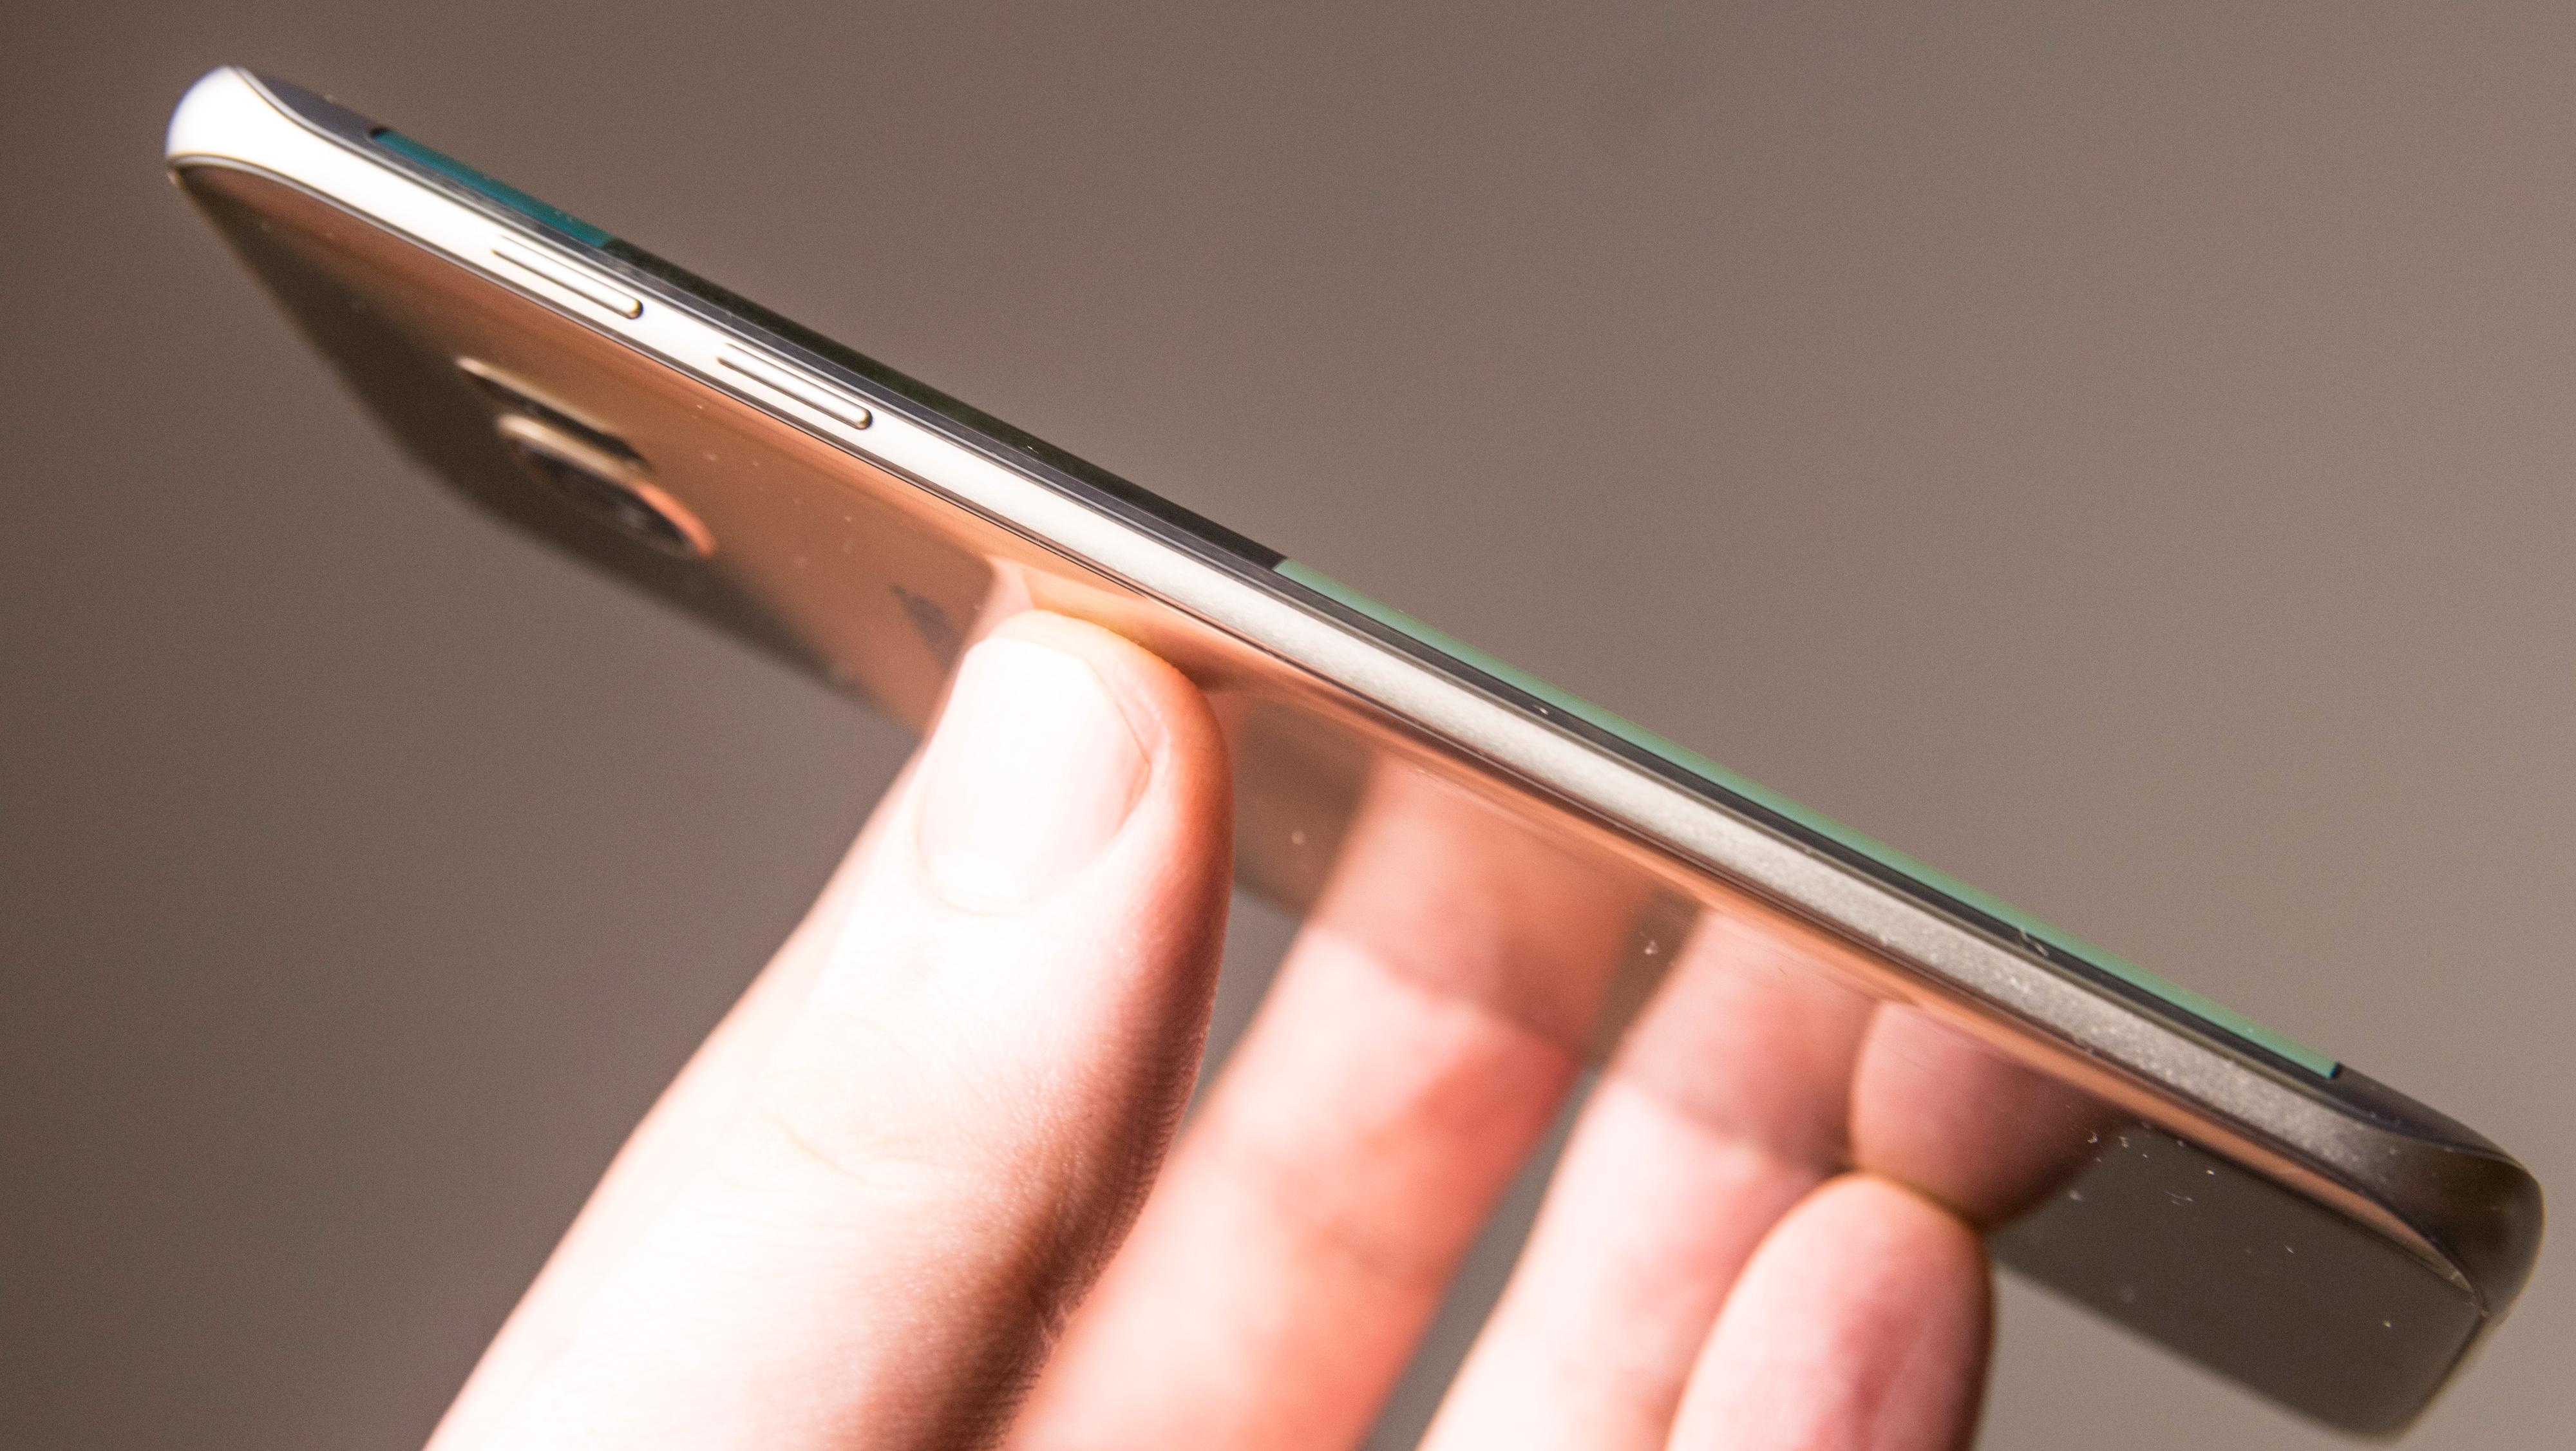 Note 7 skal visstnok komme med avrundet skjerm på begge sider og både på fronten og baksiden, som på S7 Edge, her avbildet.